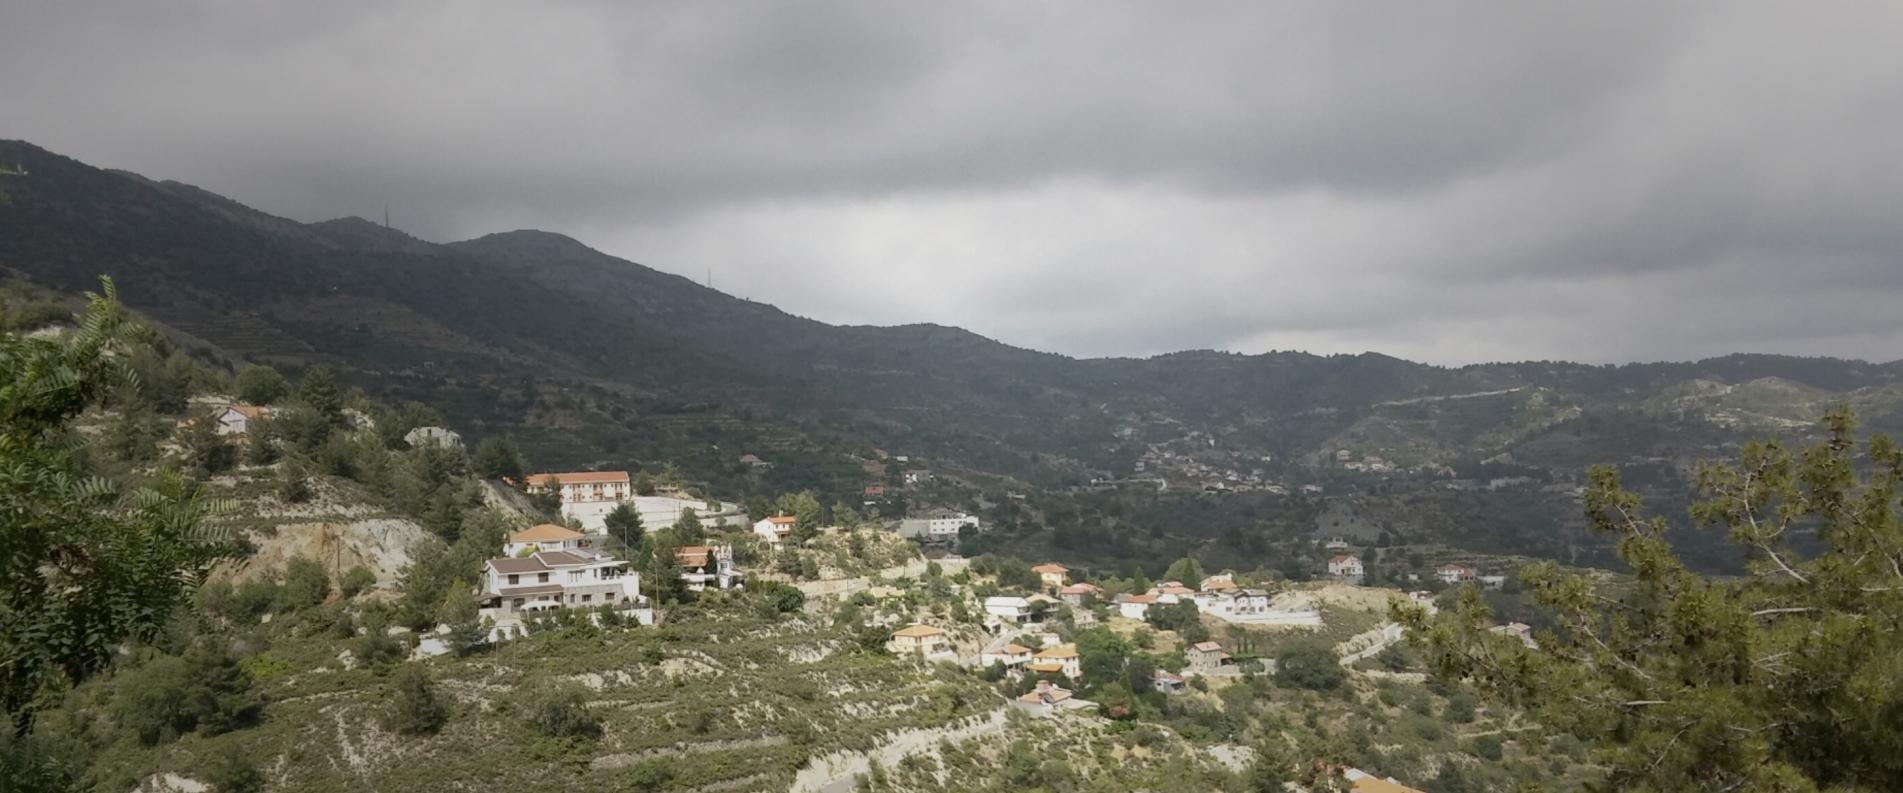 A Tour around Pitsilia